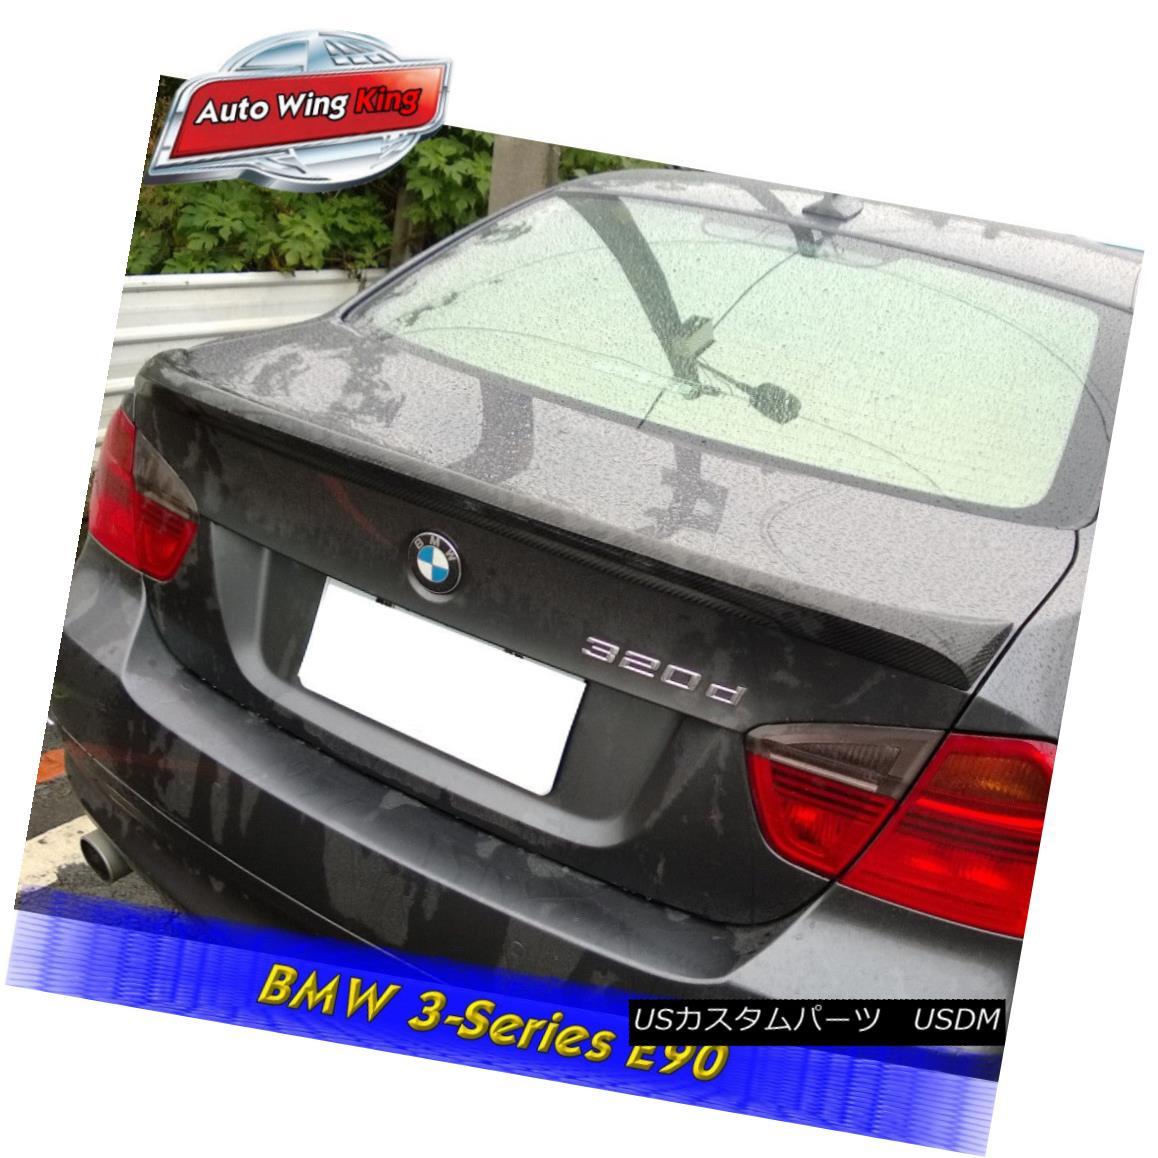 エアロパーツ Carbon Fiber M Type Rear Trunk Spoiler Wing For 2006-2011 BMW E90 3-Series Sedan BMW E90 3シリーズセダン用カーボンファイバーMタイプリアトランク・スポイラー・ウィング